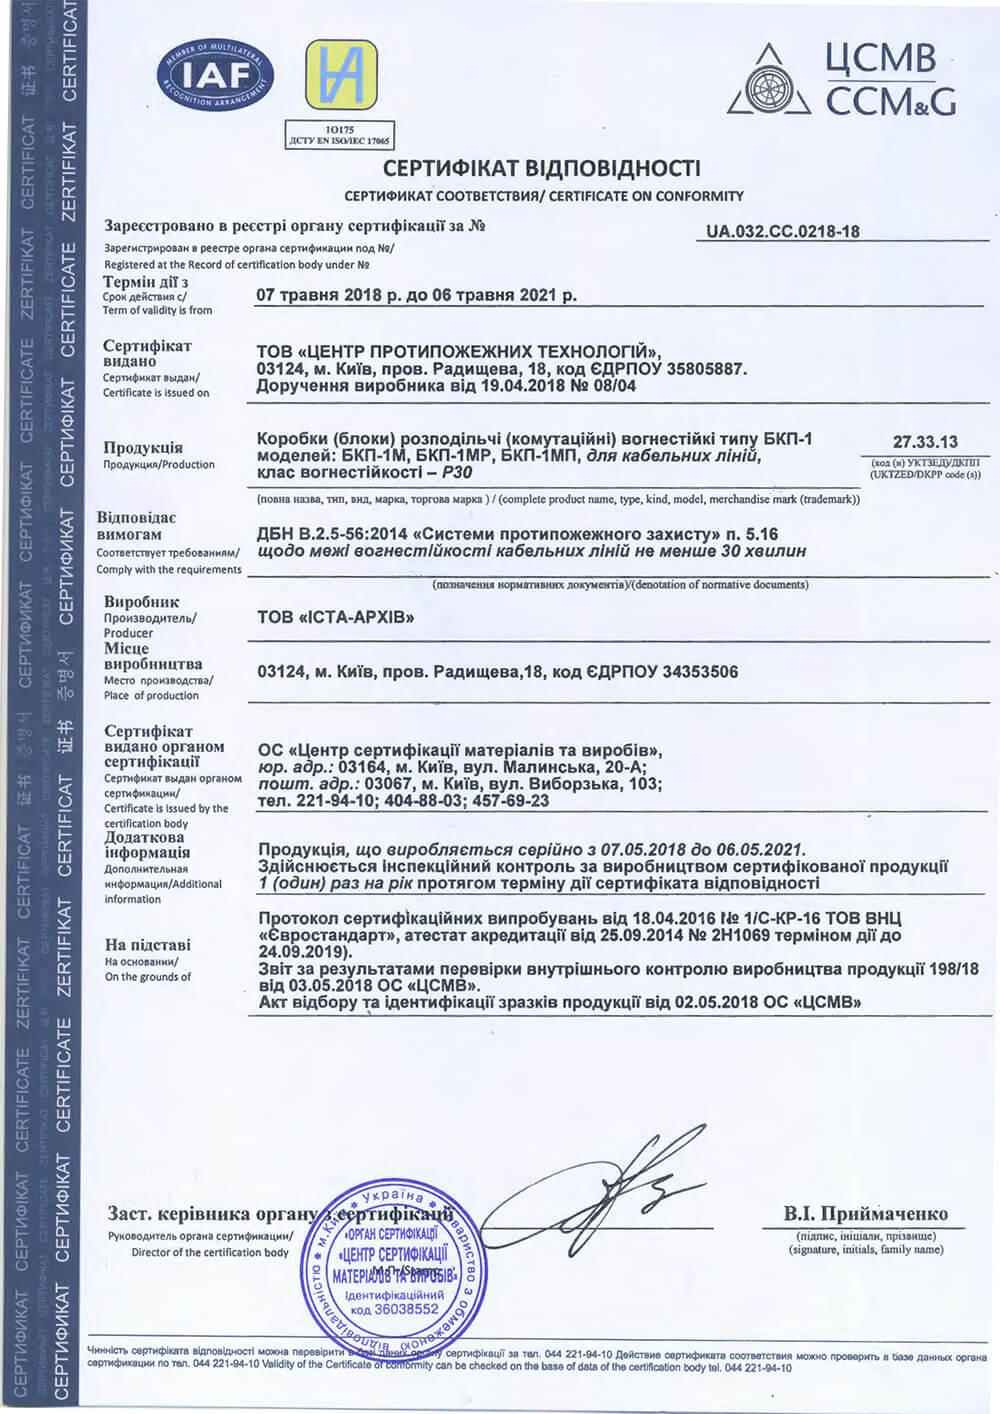 Сертифікат на коробки розподільчі вогнестійкі БКП-1 (блок комутації пожежостійкий)